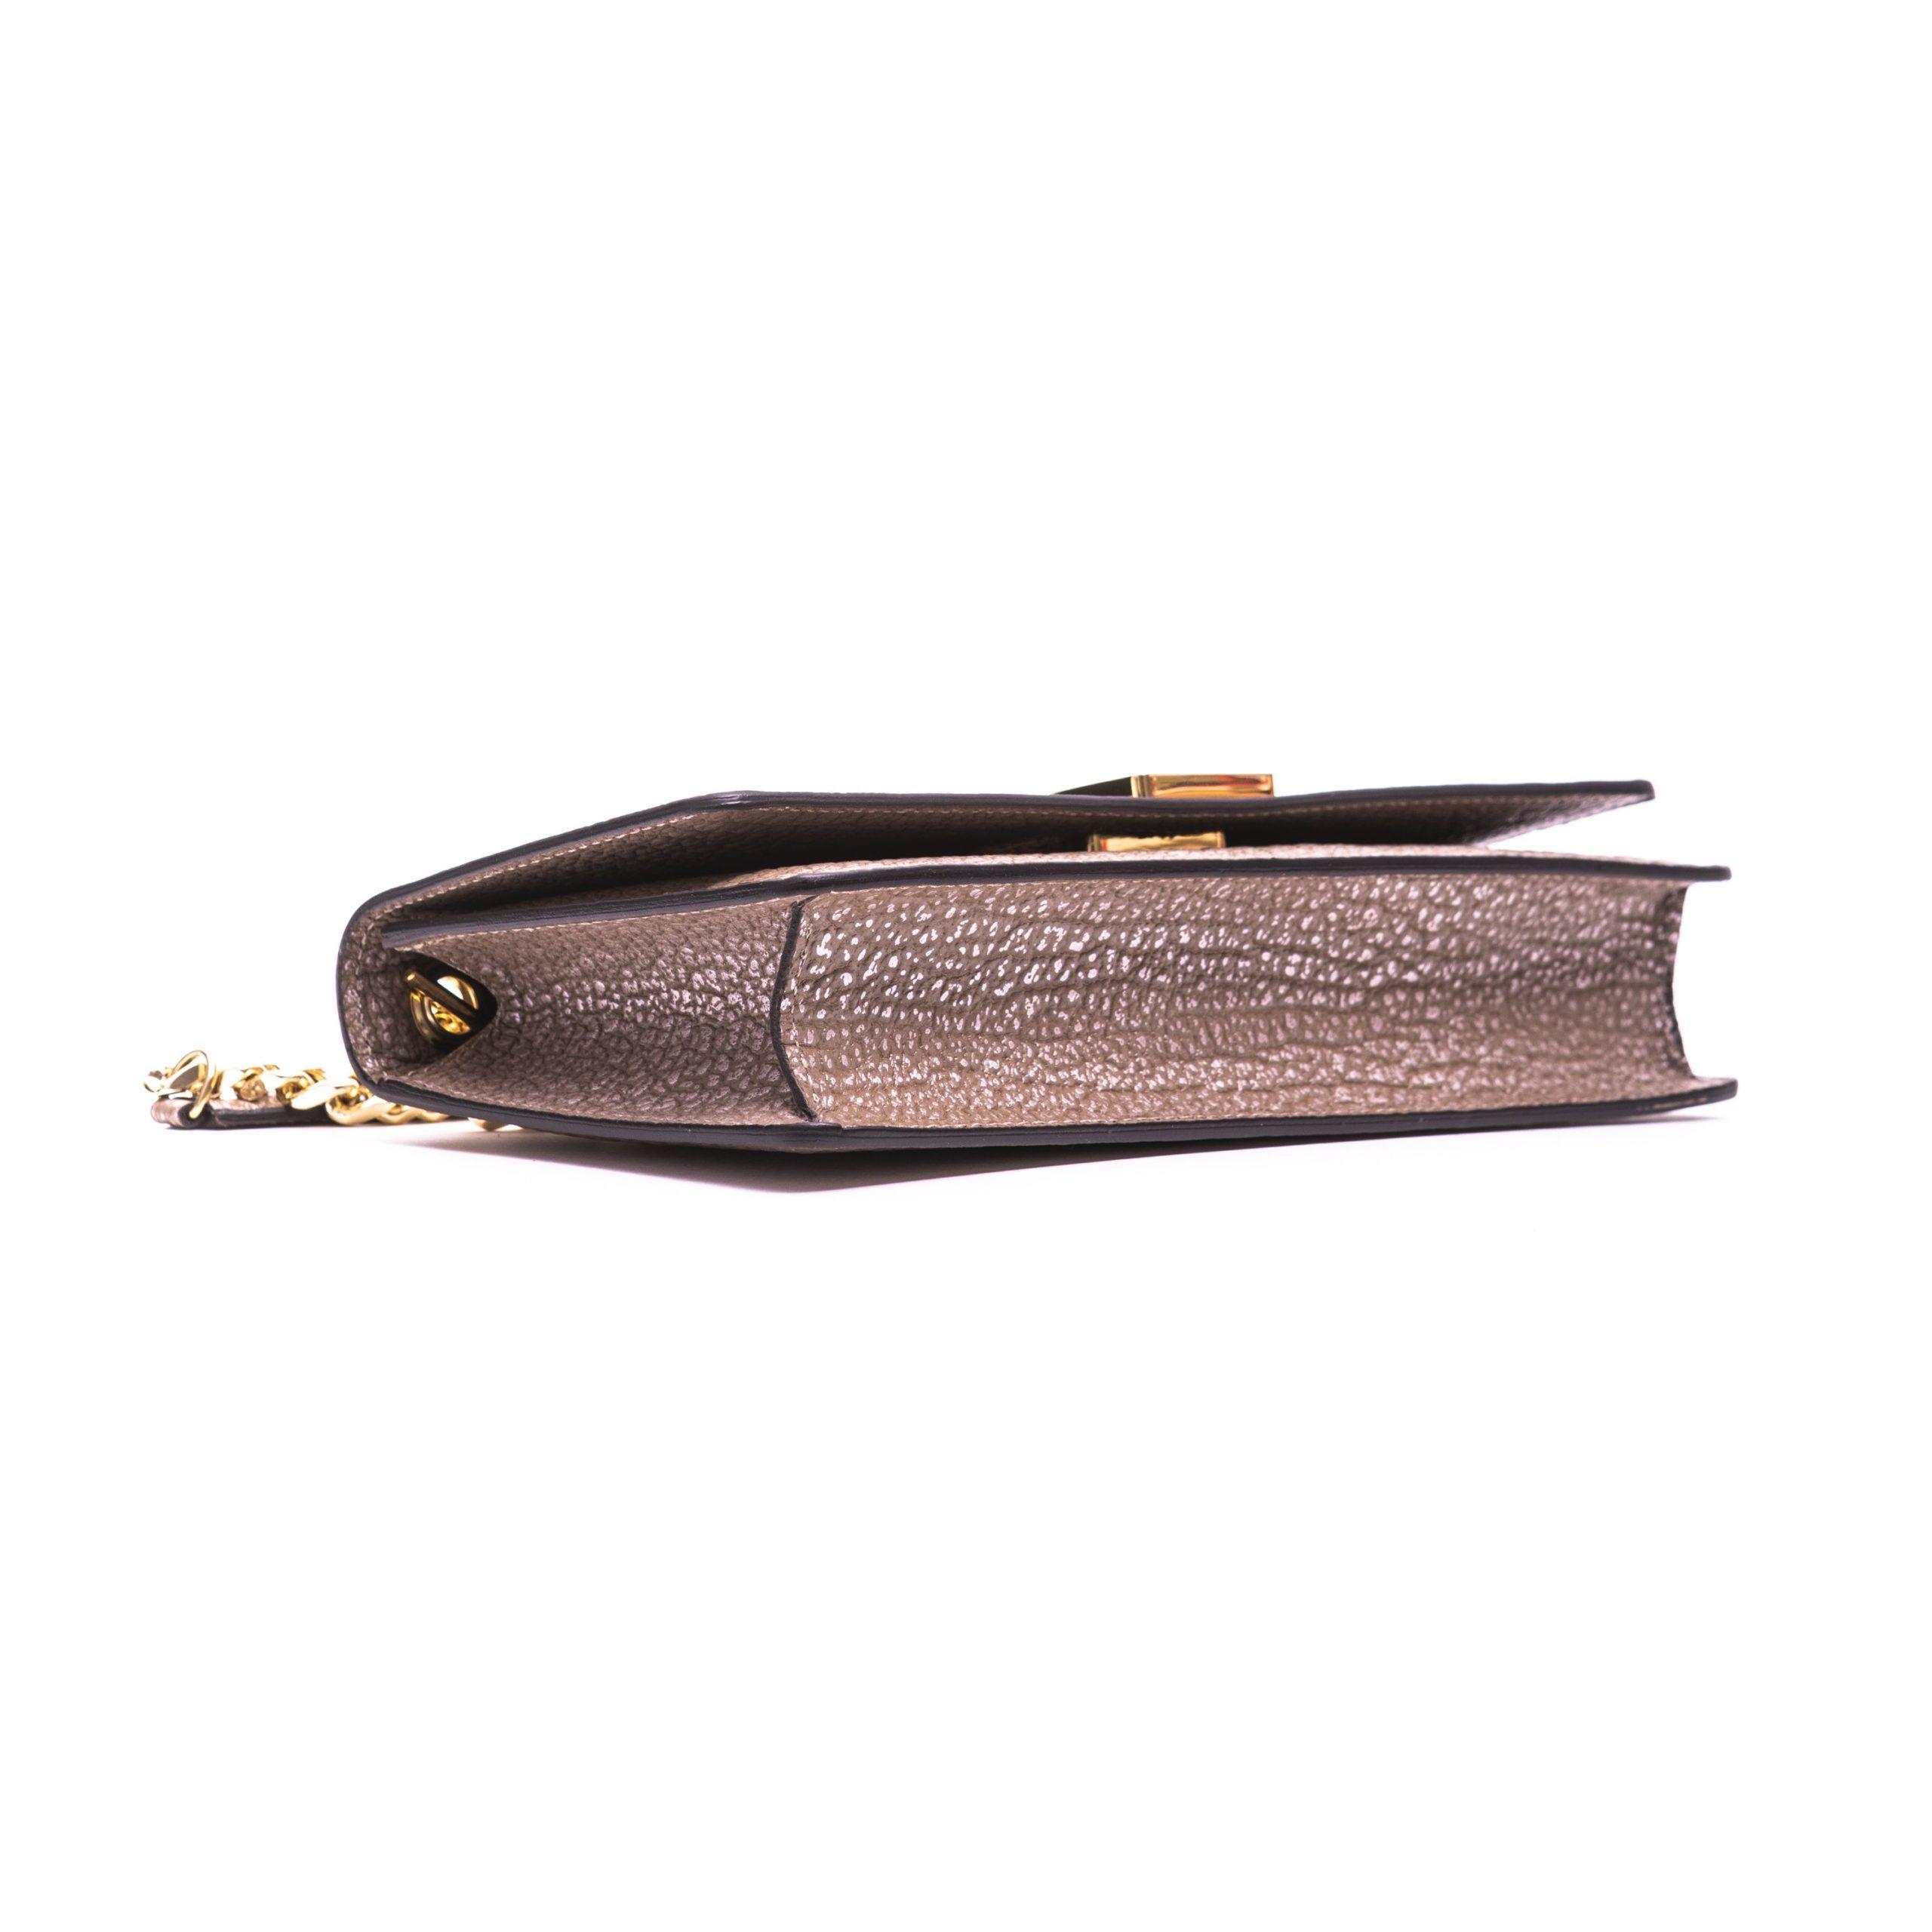 Cerruti 1881 Tortora Taupe Clutch Bag